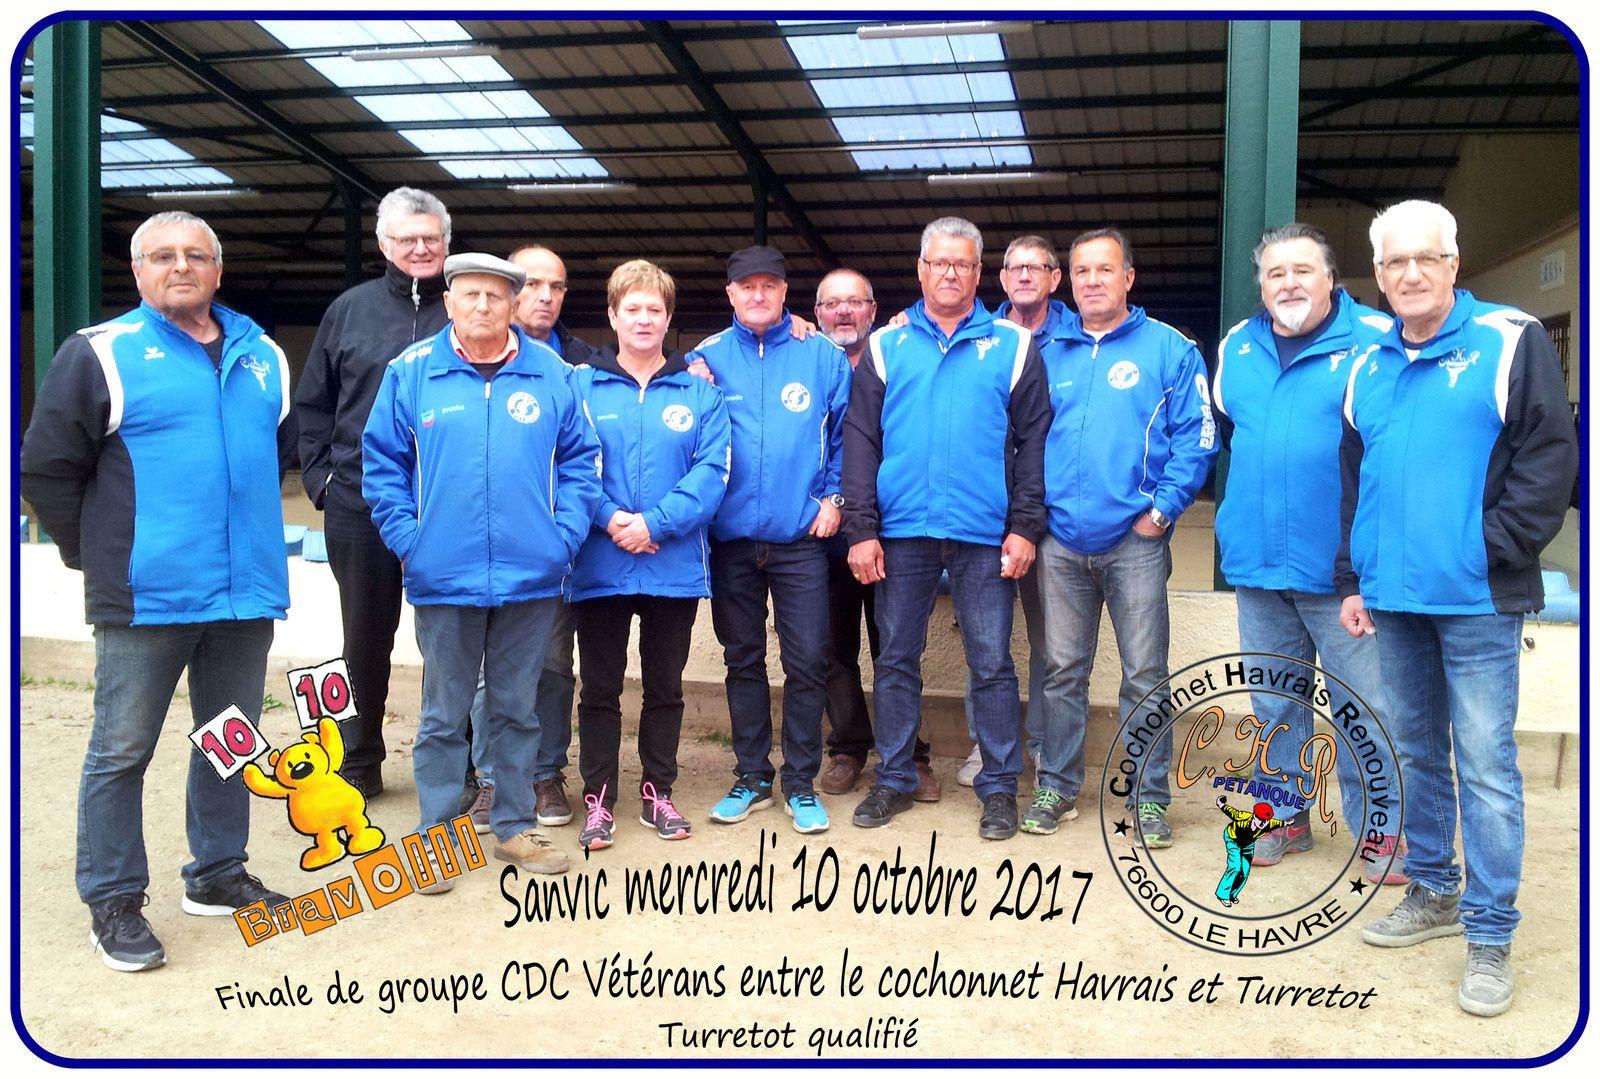 Mercredi 10 octobre finale de groupe CDC Vétérans